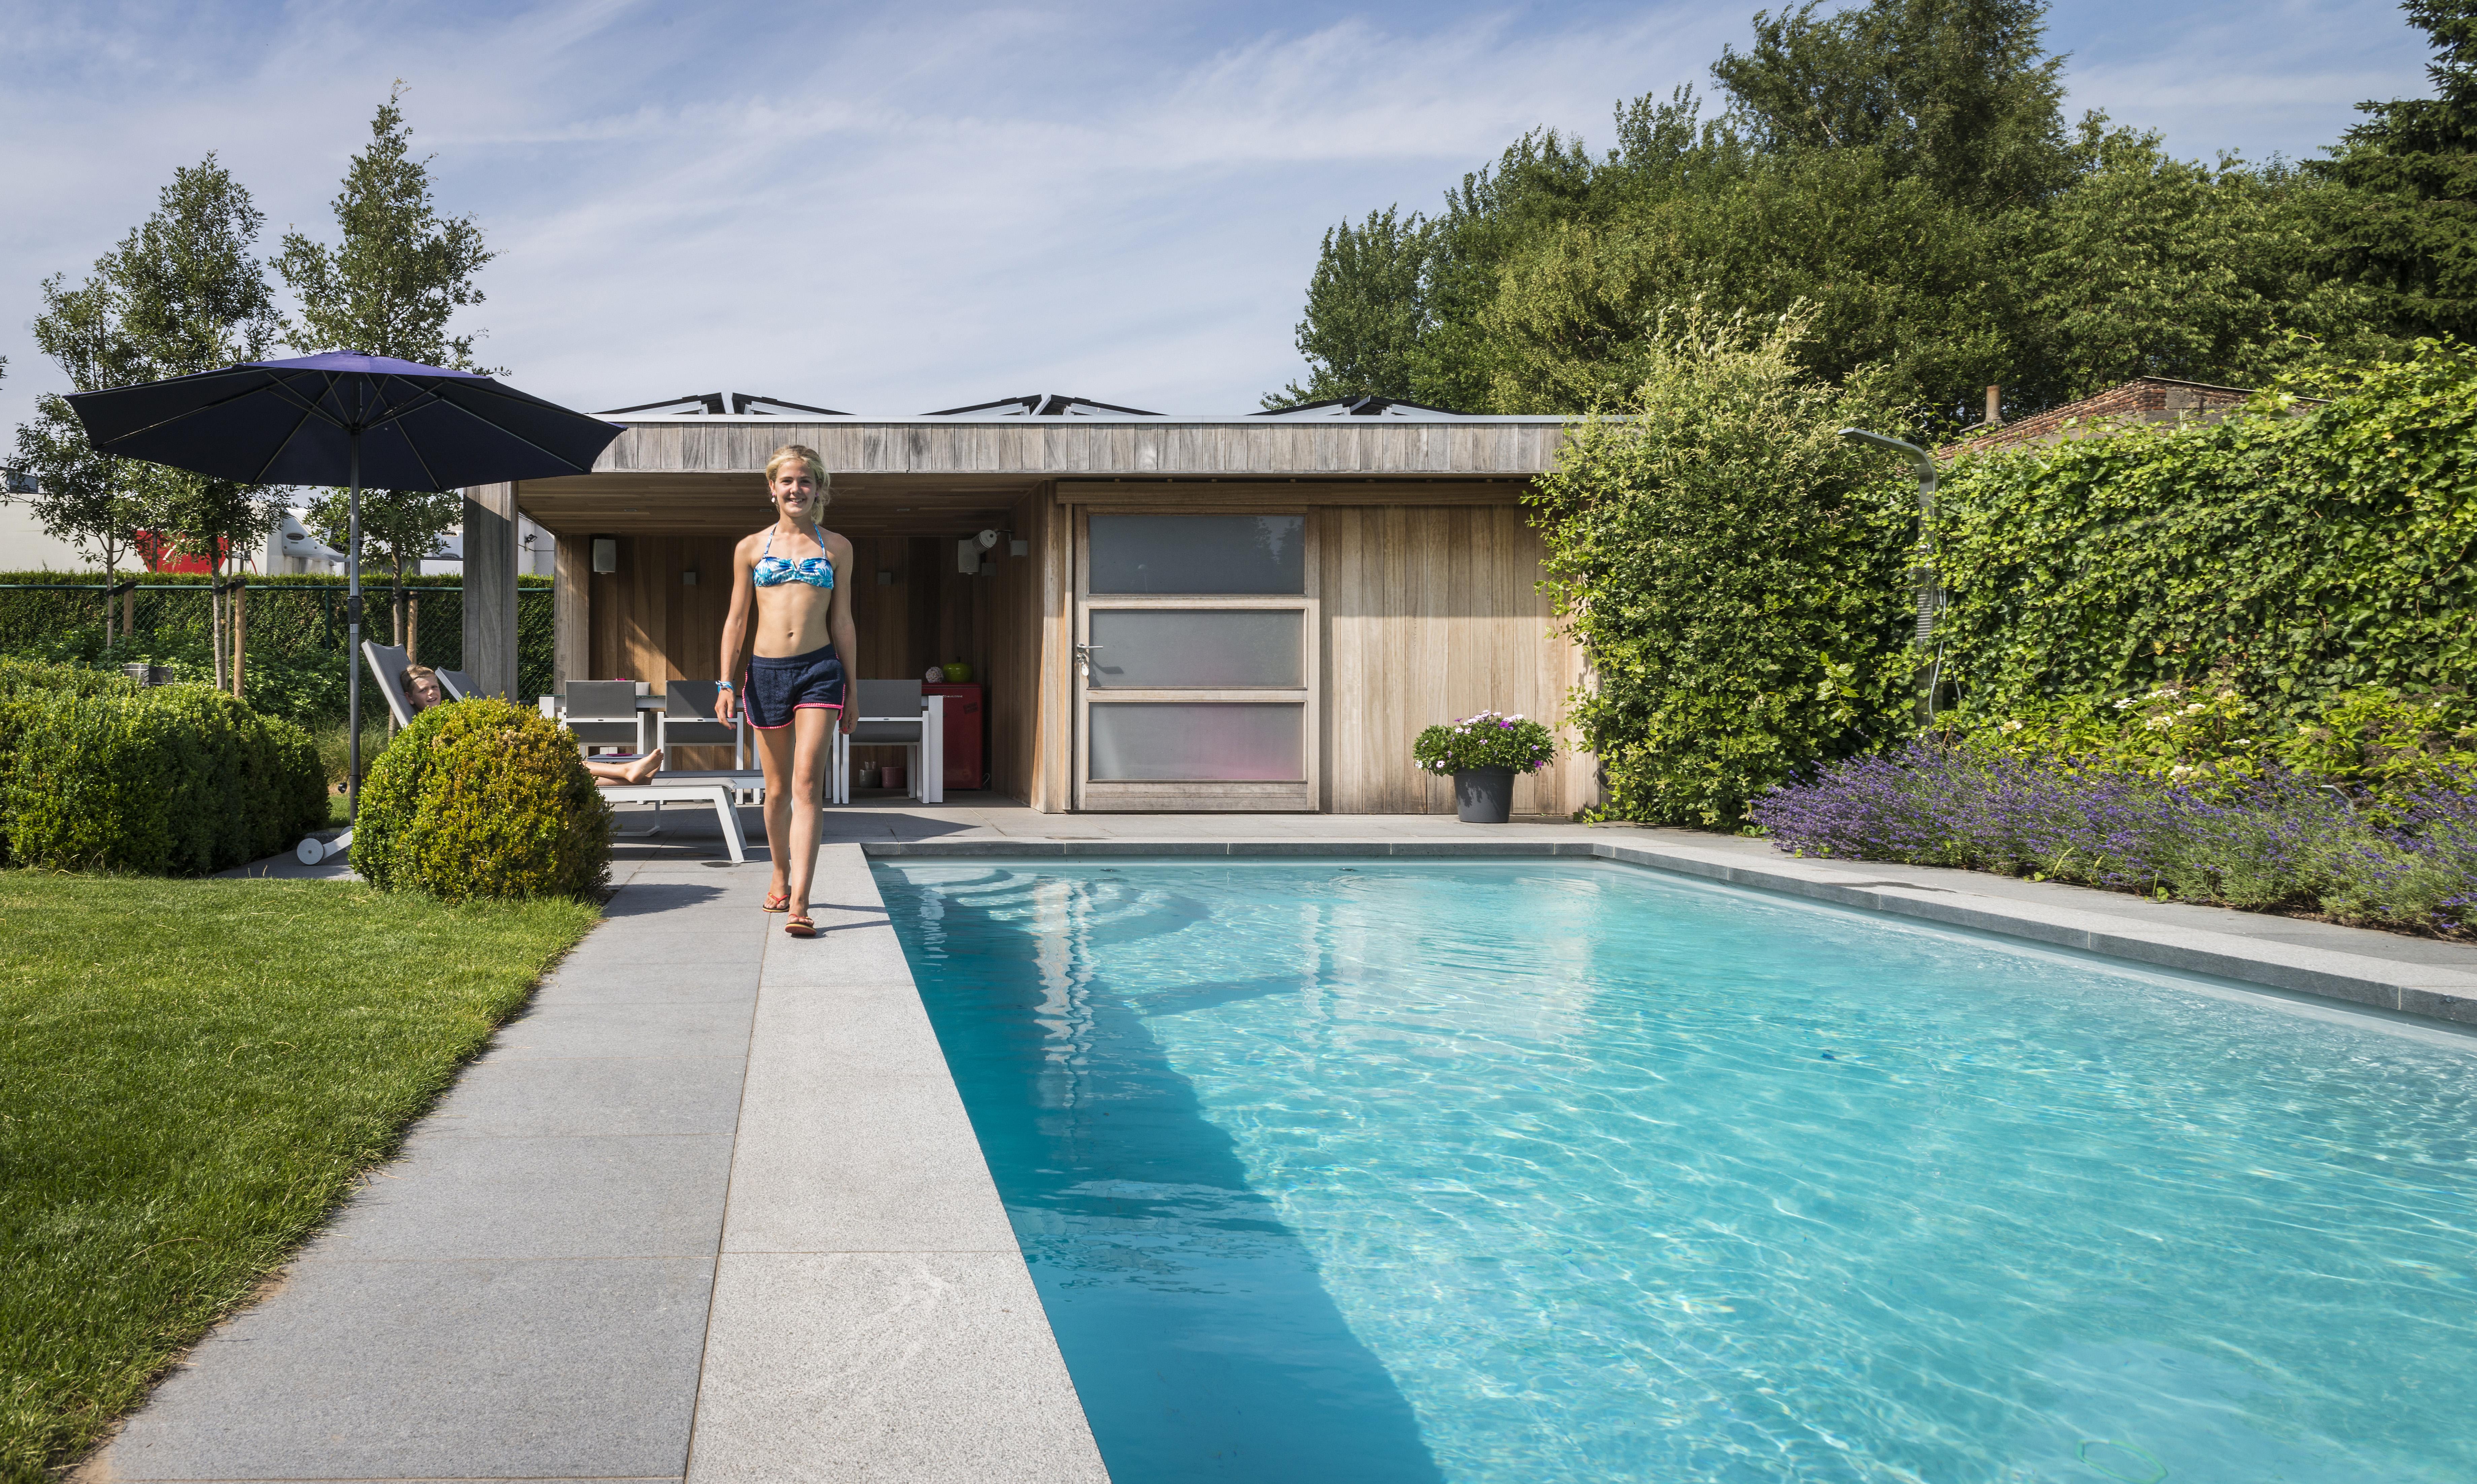 Monoblok zwembaden versus polypropyleenzwembaden. Wat is het verschil?